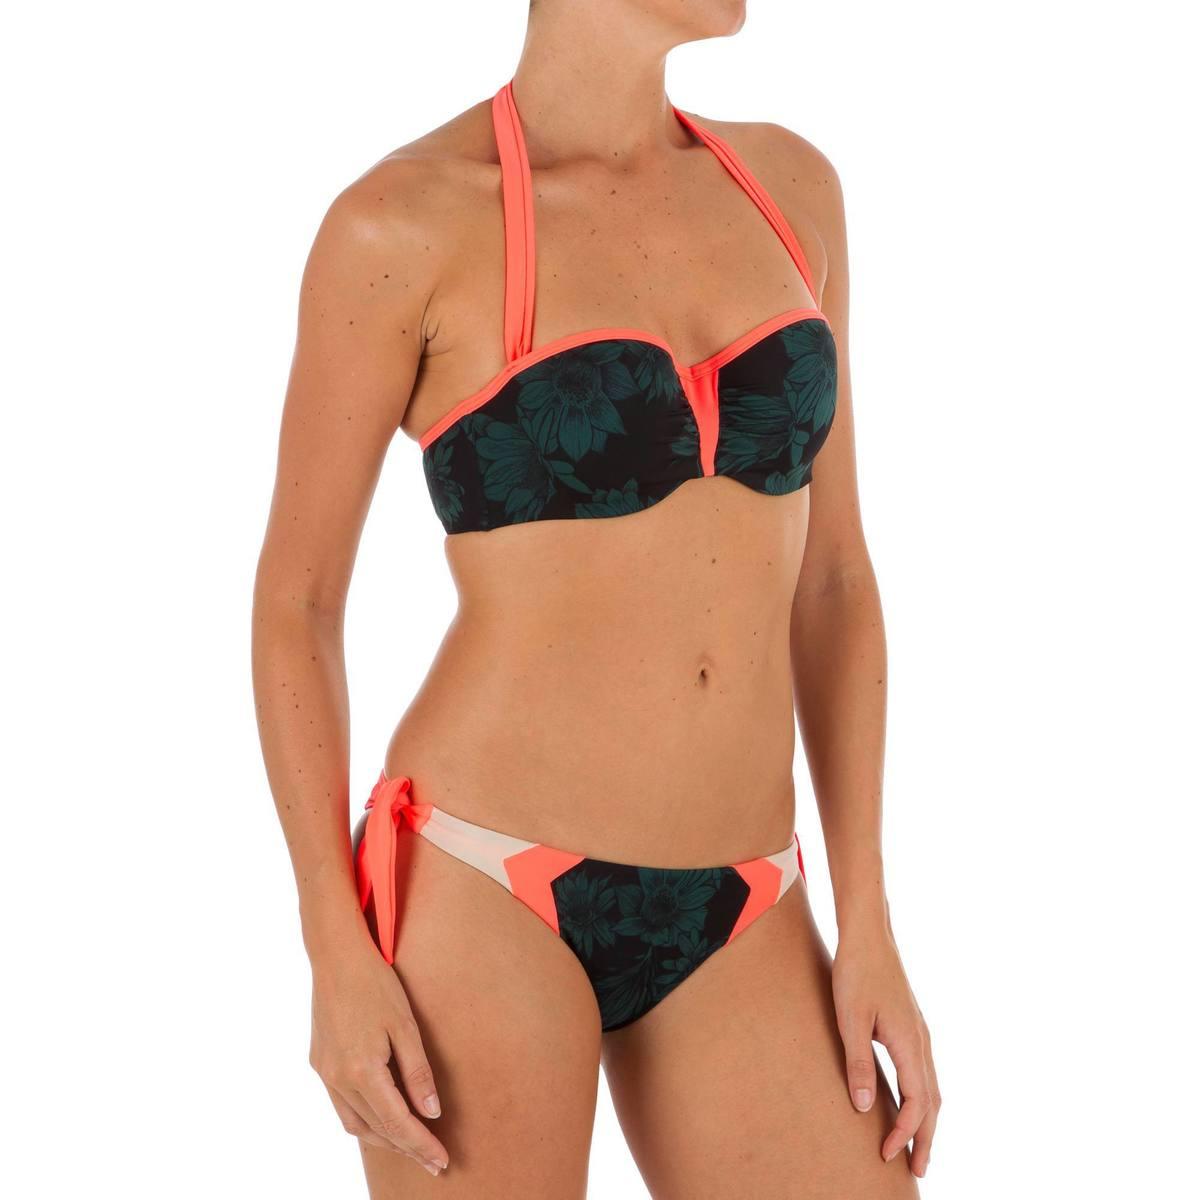 Bild 5 von Bikini-Hose Sabi Terra seitlich gebunden hoher Beinausschnitt Surfen Damen